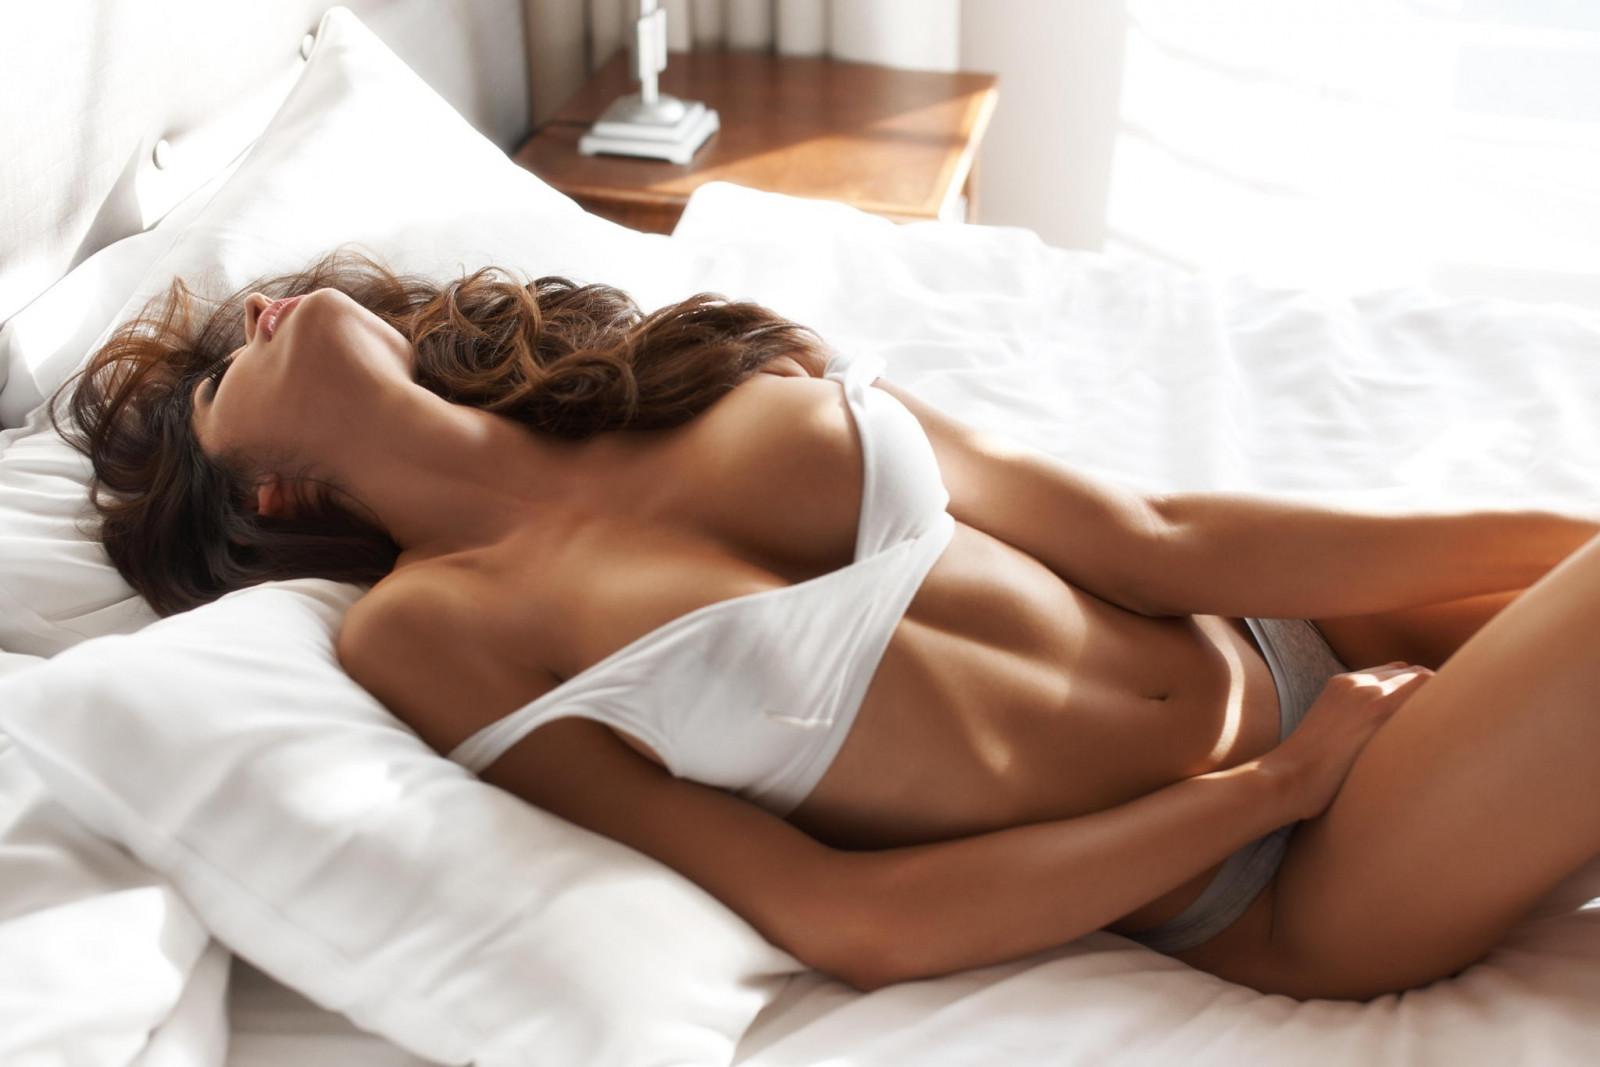 Одежда женщины в постели красивые видео порно негры анал